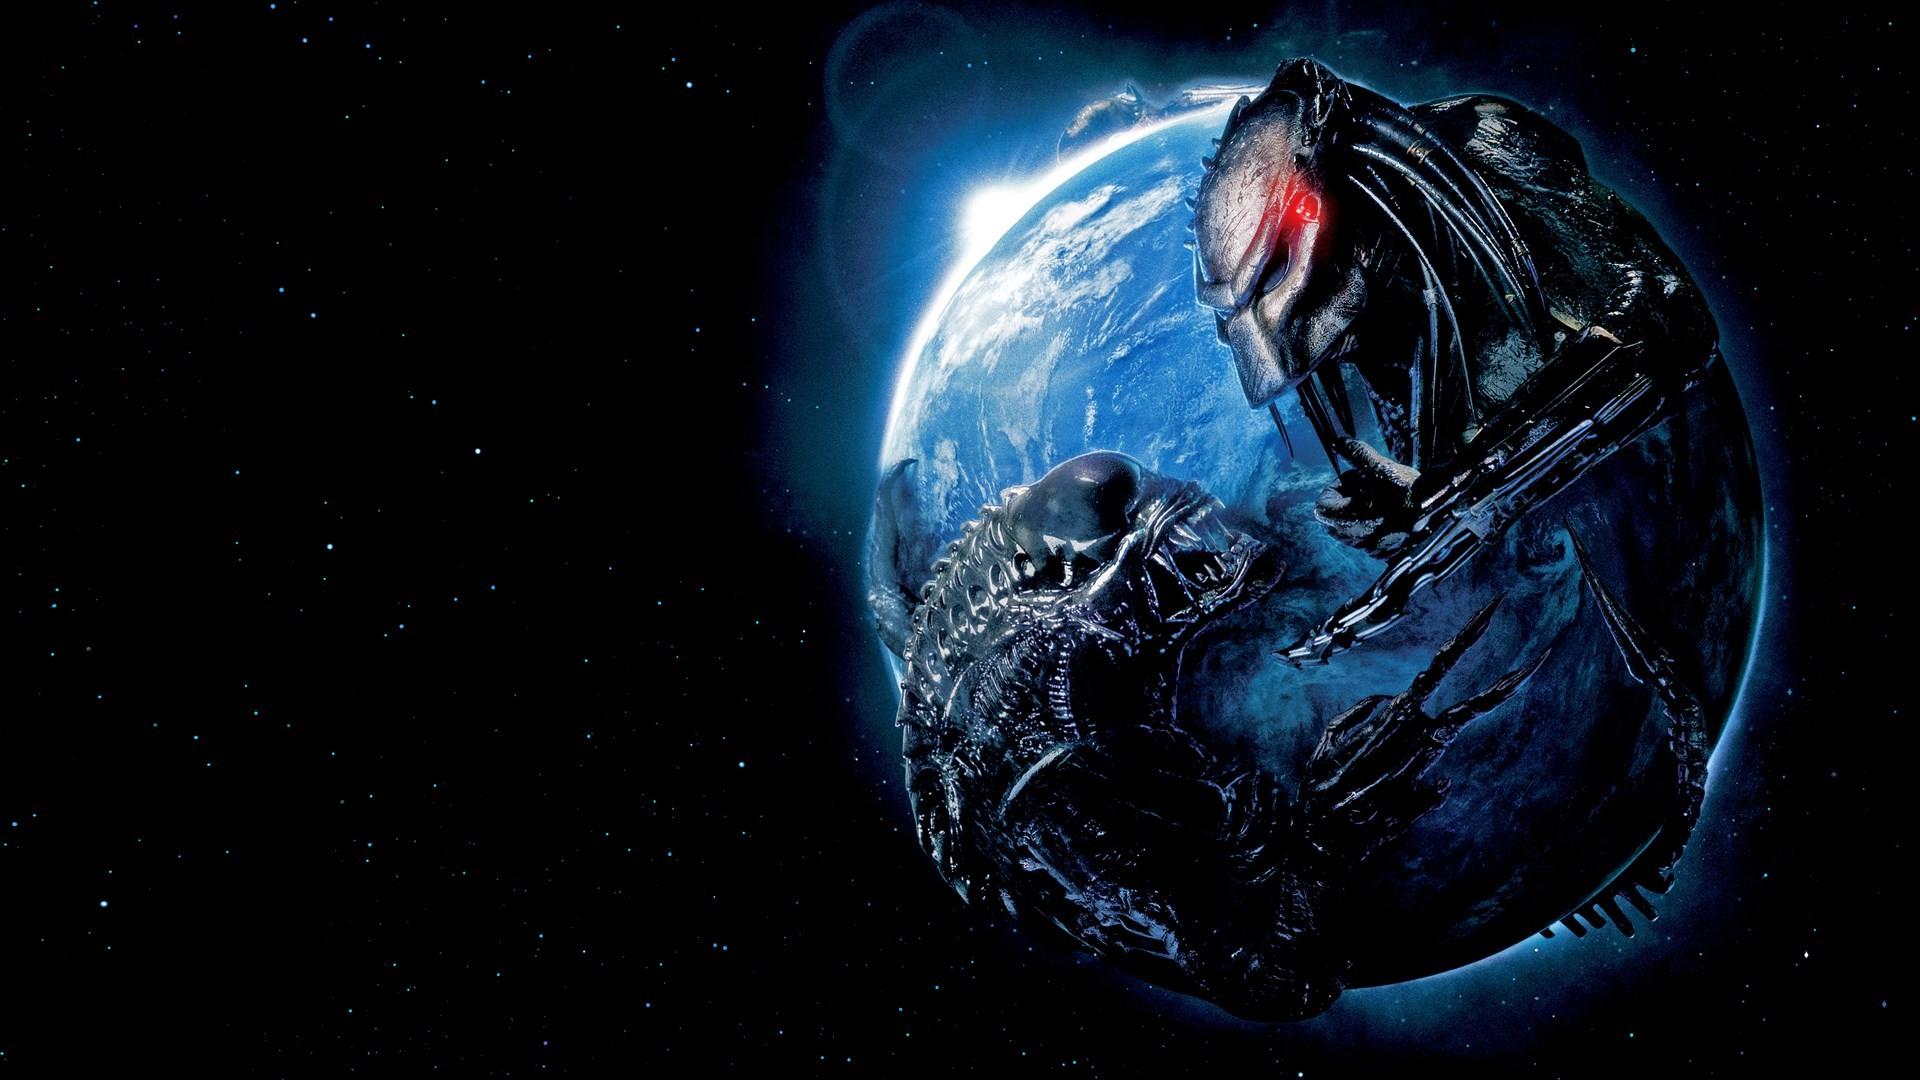 alien wallpaper full hd